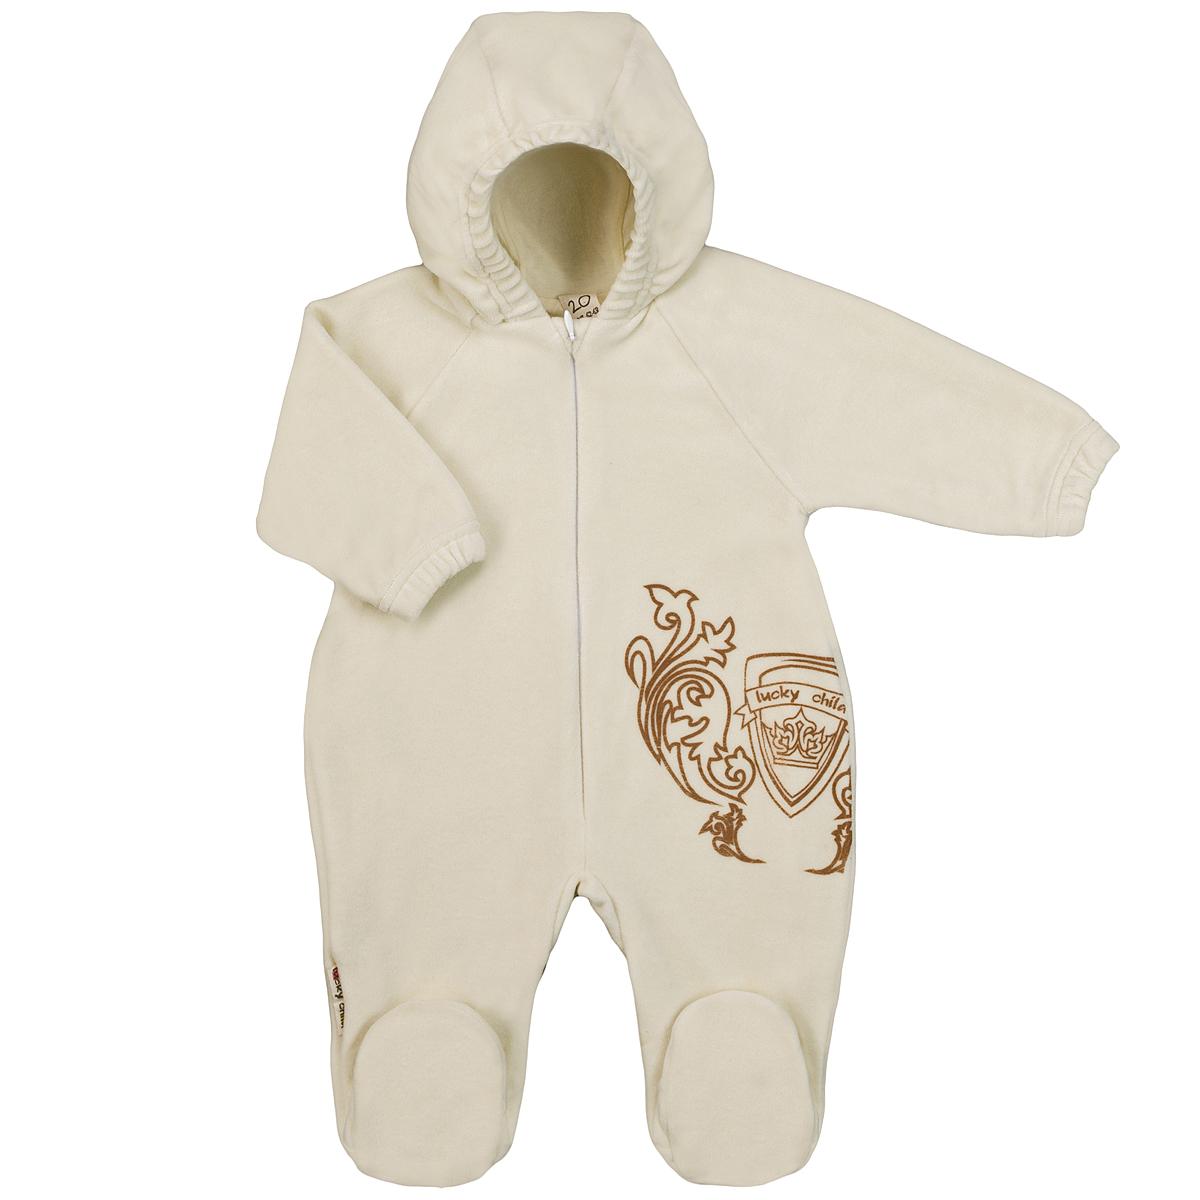 Комбинезон детский Lucky Child, цвет: экрю. 5-4. Размер 68/745-4Детский комбинезон с капюшоном Lucky Child - очень удобный и практичный вид одежды для малышей. Комбинезон выполнен из велюра на подкладке из натурального хлопка, благодаря чему он необычайно мягкий и приятный на ощупь, не раздражают нежную кожу ребенка и хорошо вентилируются, а эластичные швы приятны телу малышки и не препятствуют ее движениям. Комбинезон с длинными рукавами-реглан и закрытыми ножками по центру имеет потайную застежку-молнию, которая помогает легко переодеть младенца или сменить подгузник. Спереди он оформлен оригинальным принтом в виде логотипа бренда. Рукава понизу дополнены неширокими эластичными манжетами, которые мягко обхватывают запястья. С детским комбинезоном Lucky Child спинка и ножки вашего малыша всегда будут в тепле. Комбинезон полностью соответствует особенностям жизни младенца в ранний период, не стесняя и не ограничивая его в движениях!